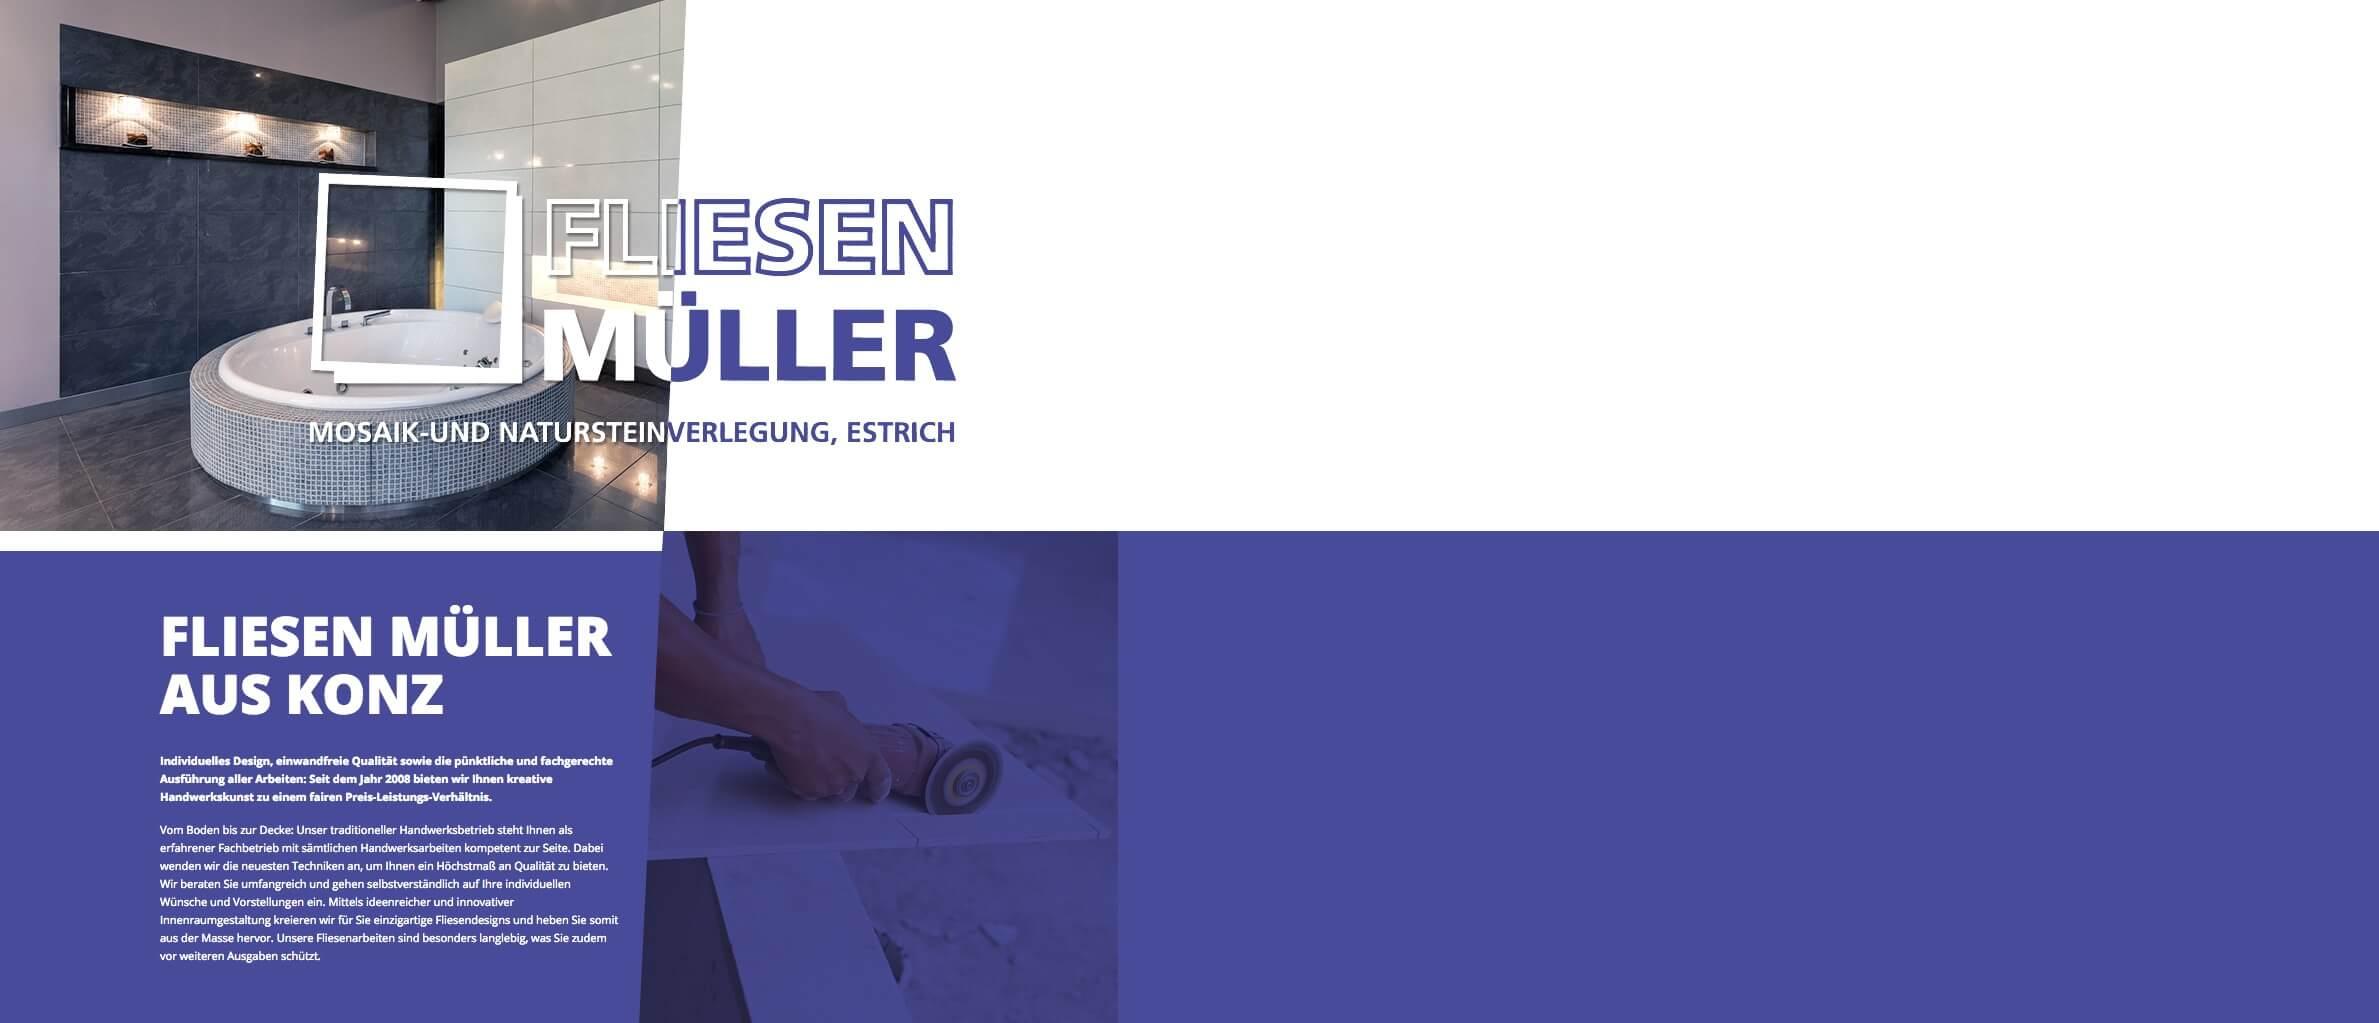 Image of Professionelle Fliesen-, Mosaik- und Natursteinverlegung: Fliesen Müller in Konz